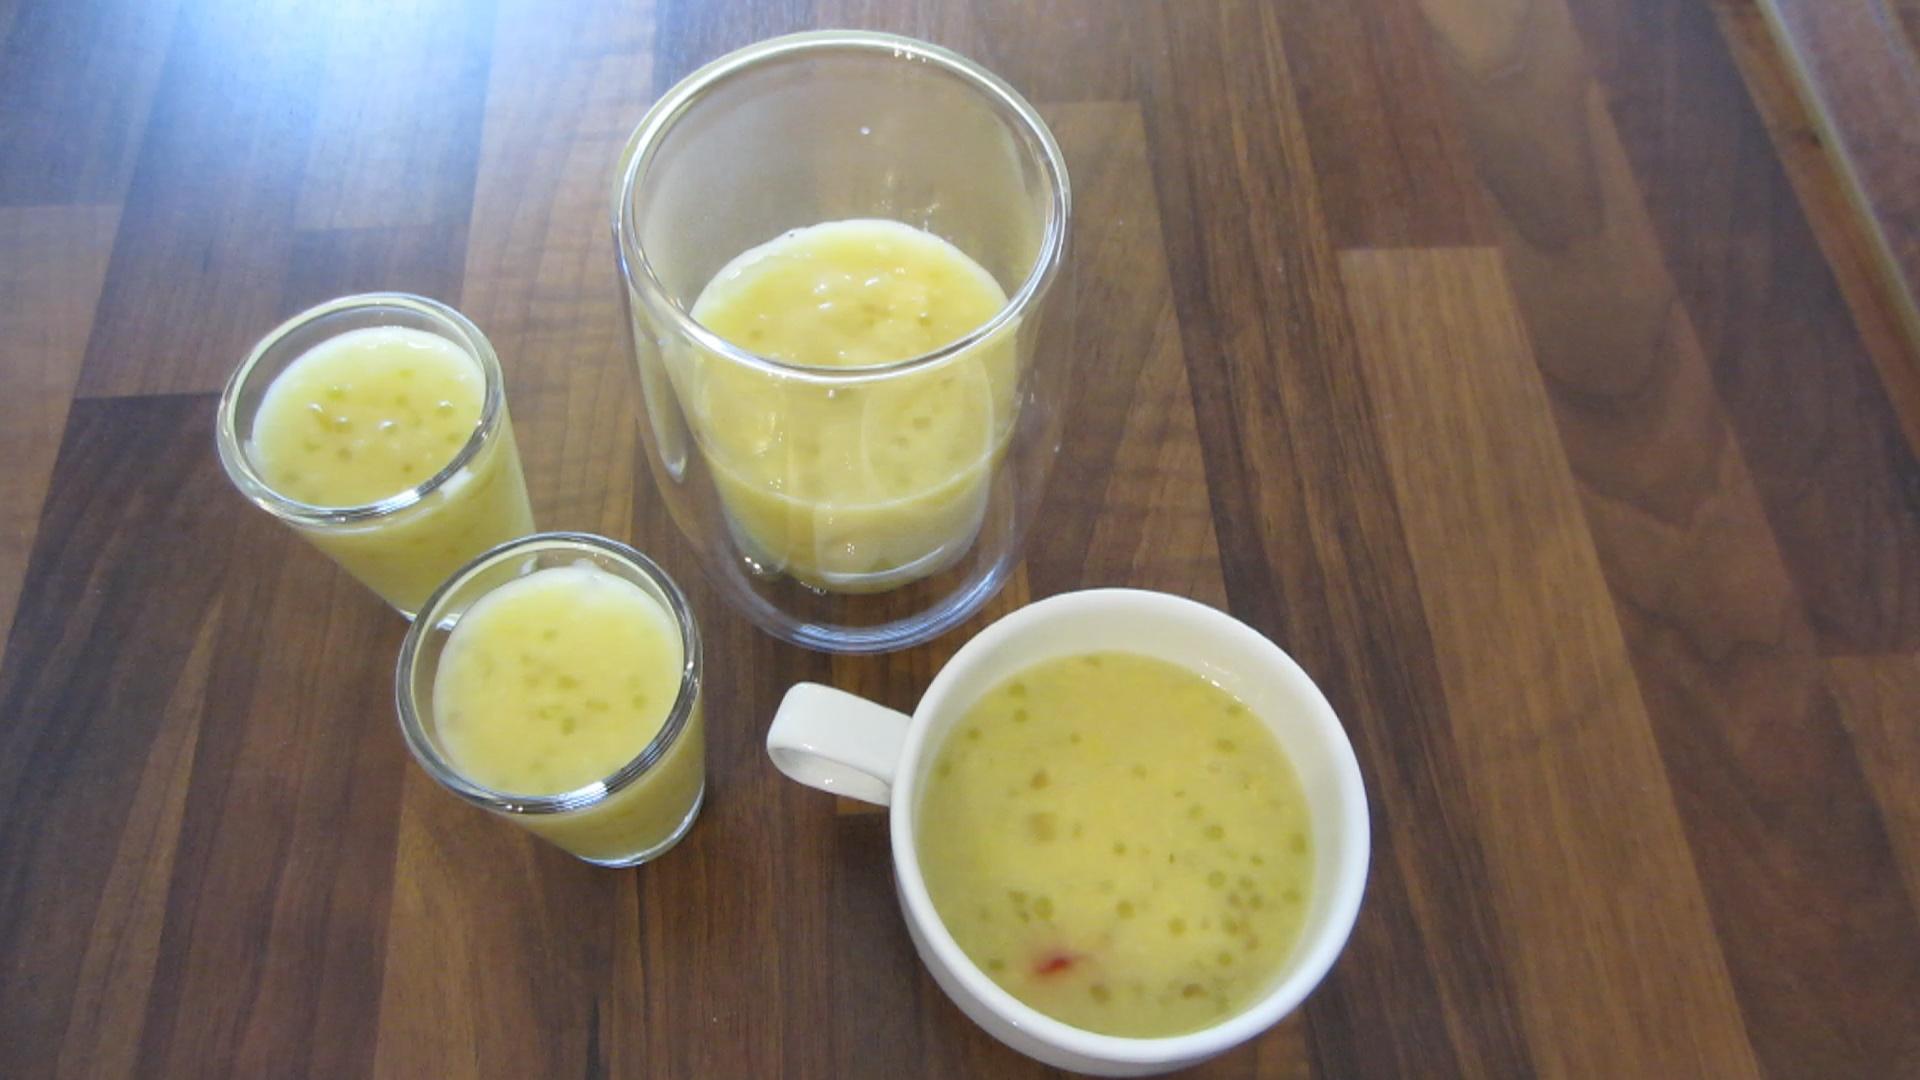 2014-07-11 chè đậu xanh bột khoai - Süße Mungbohnen Suppe mit geschreddertem Tapioka und Tapiokakugeln (29).jpg